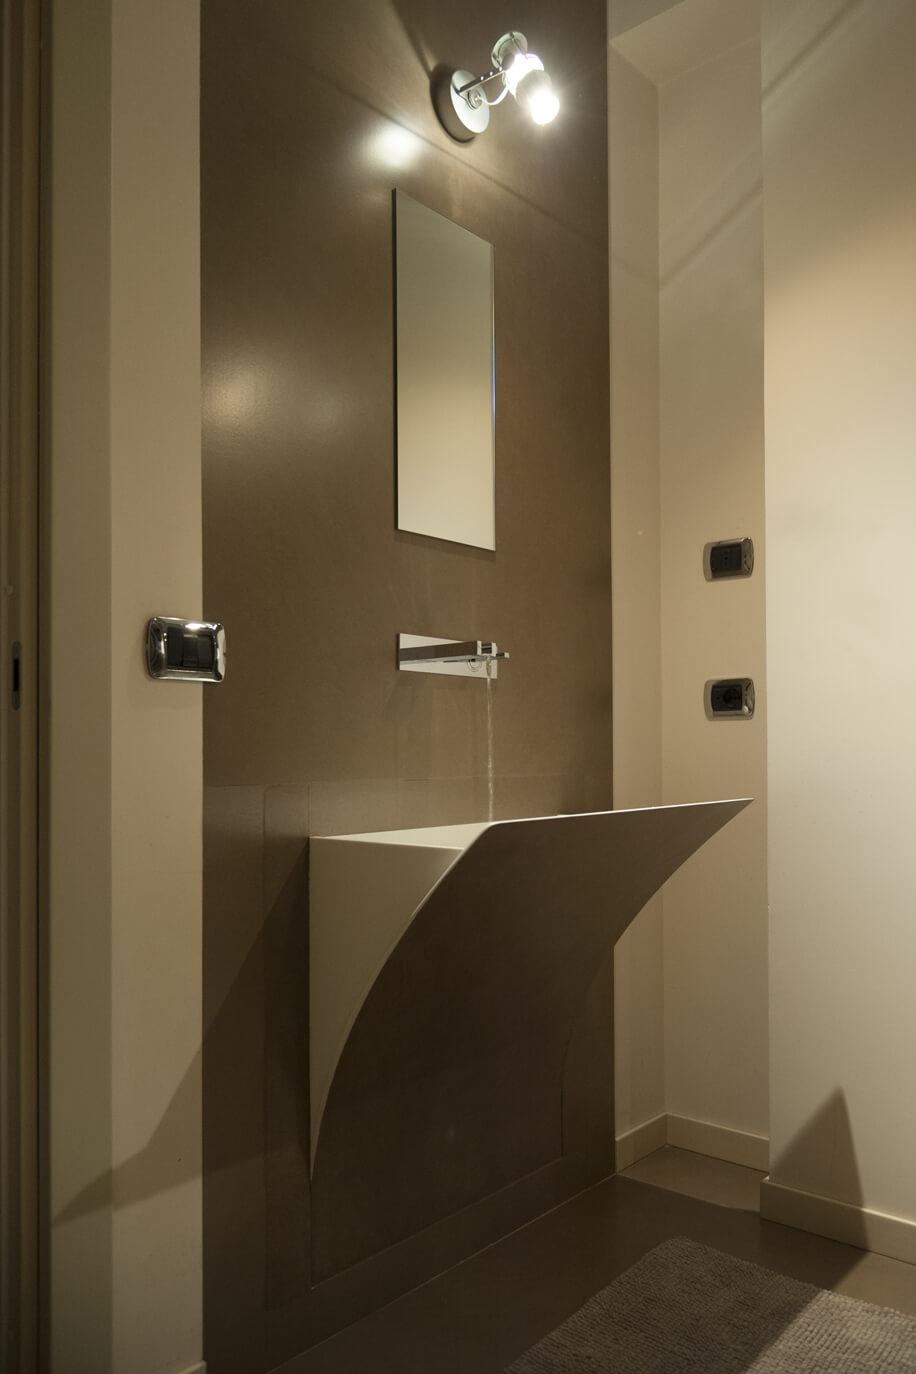 Corian per il bagno, nel progetto di una villa unifamiliare moderna